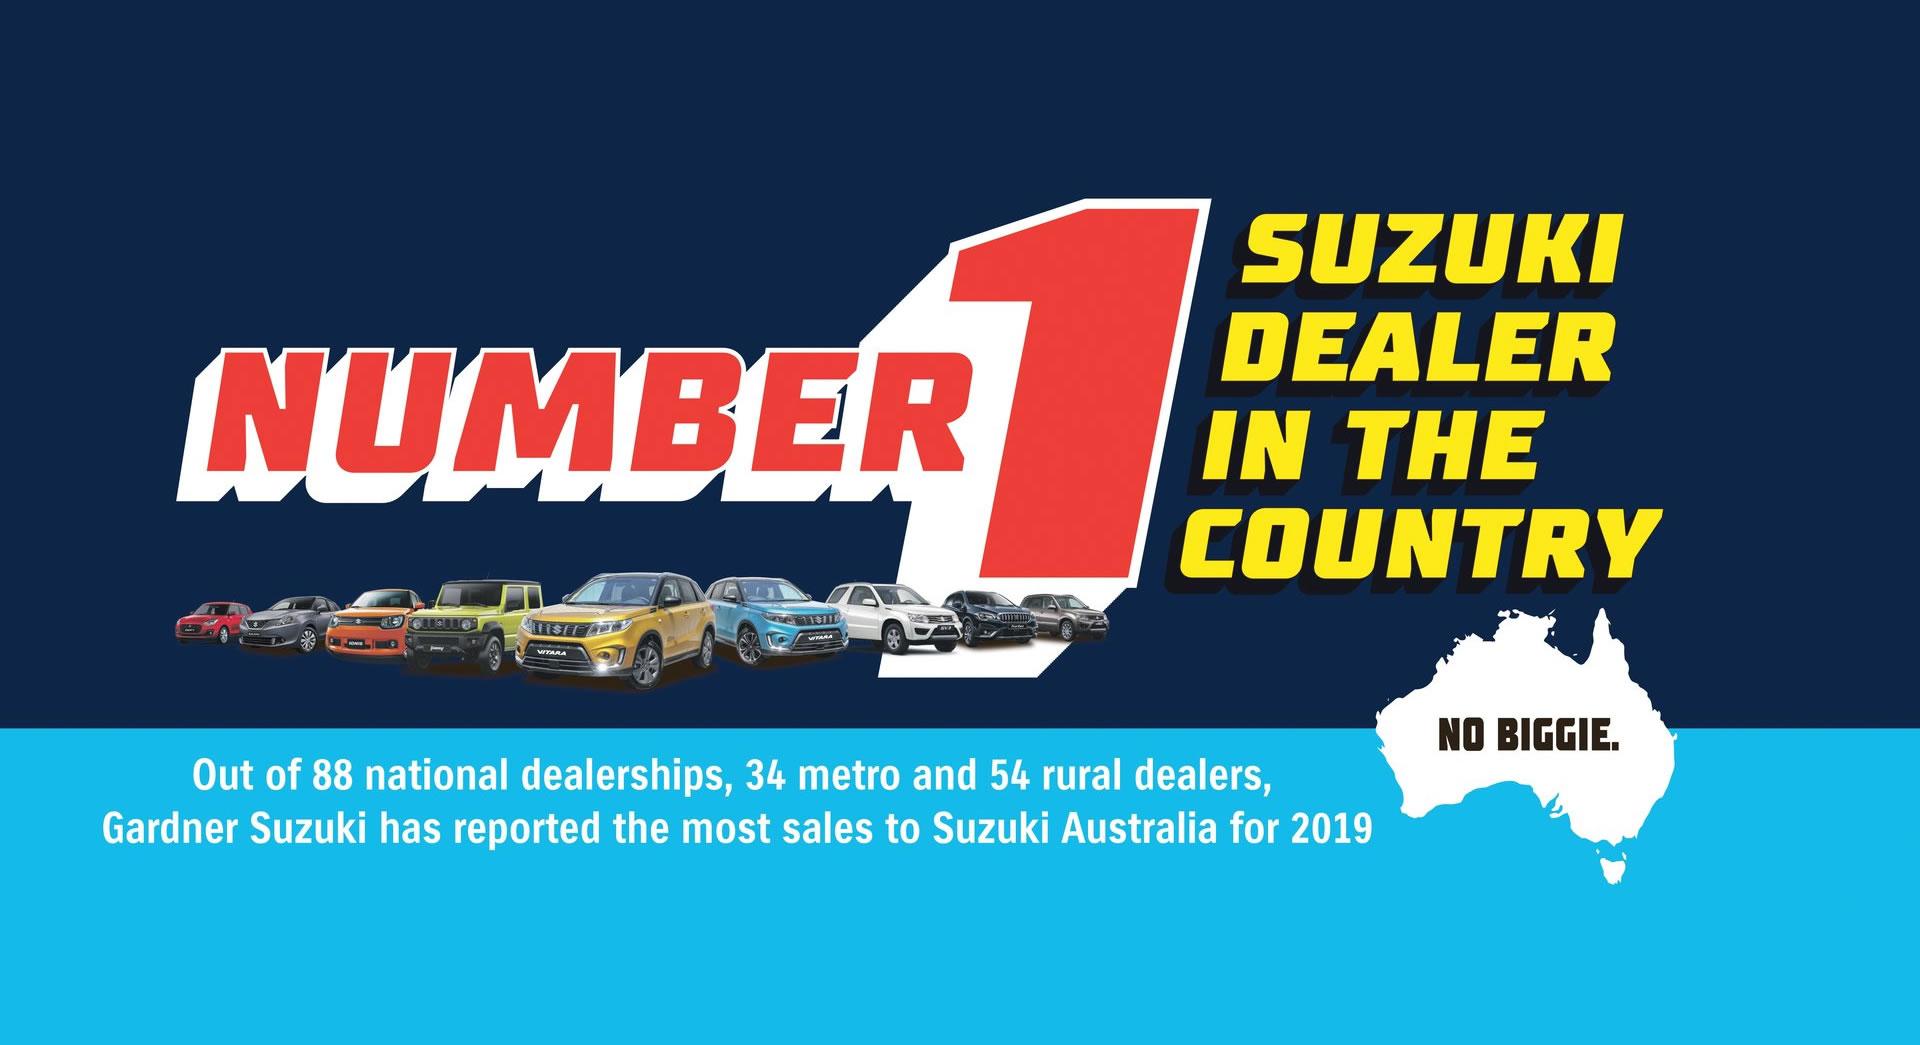 Gardner Suzuki Number 1 Dealer In The Country